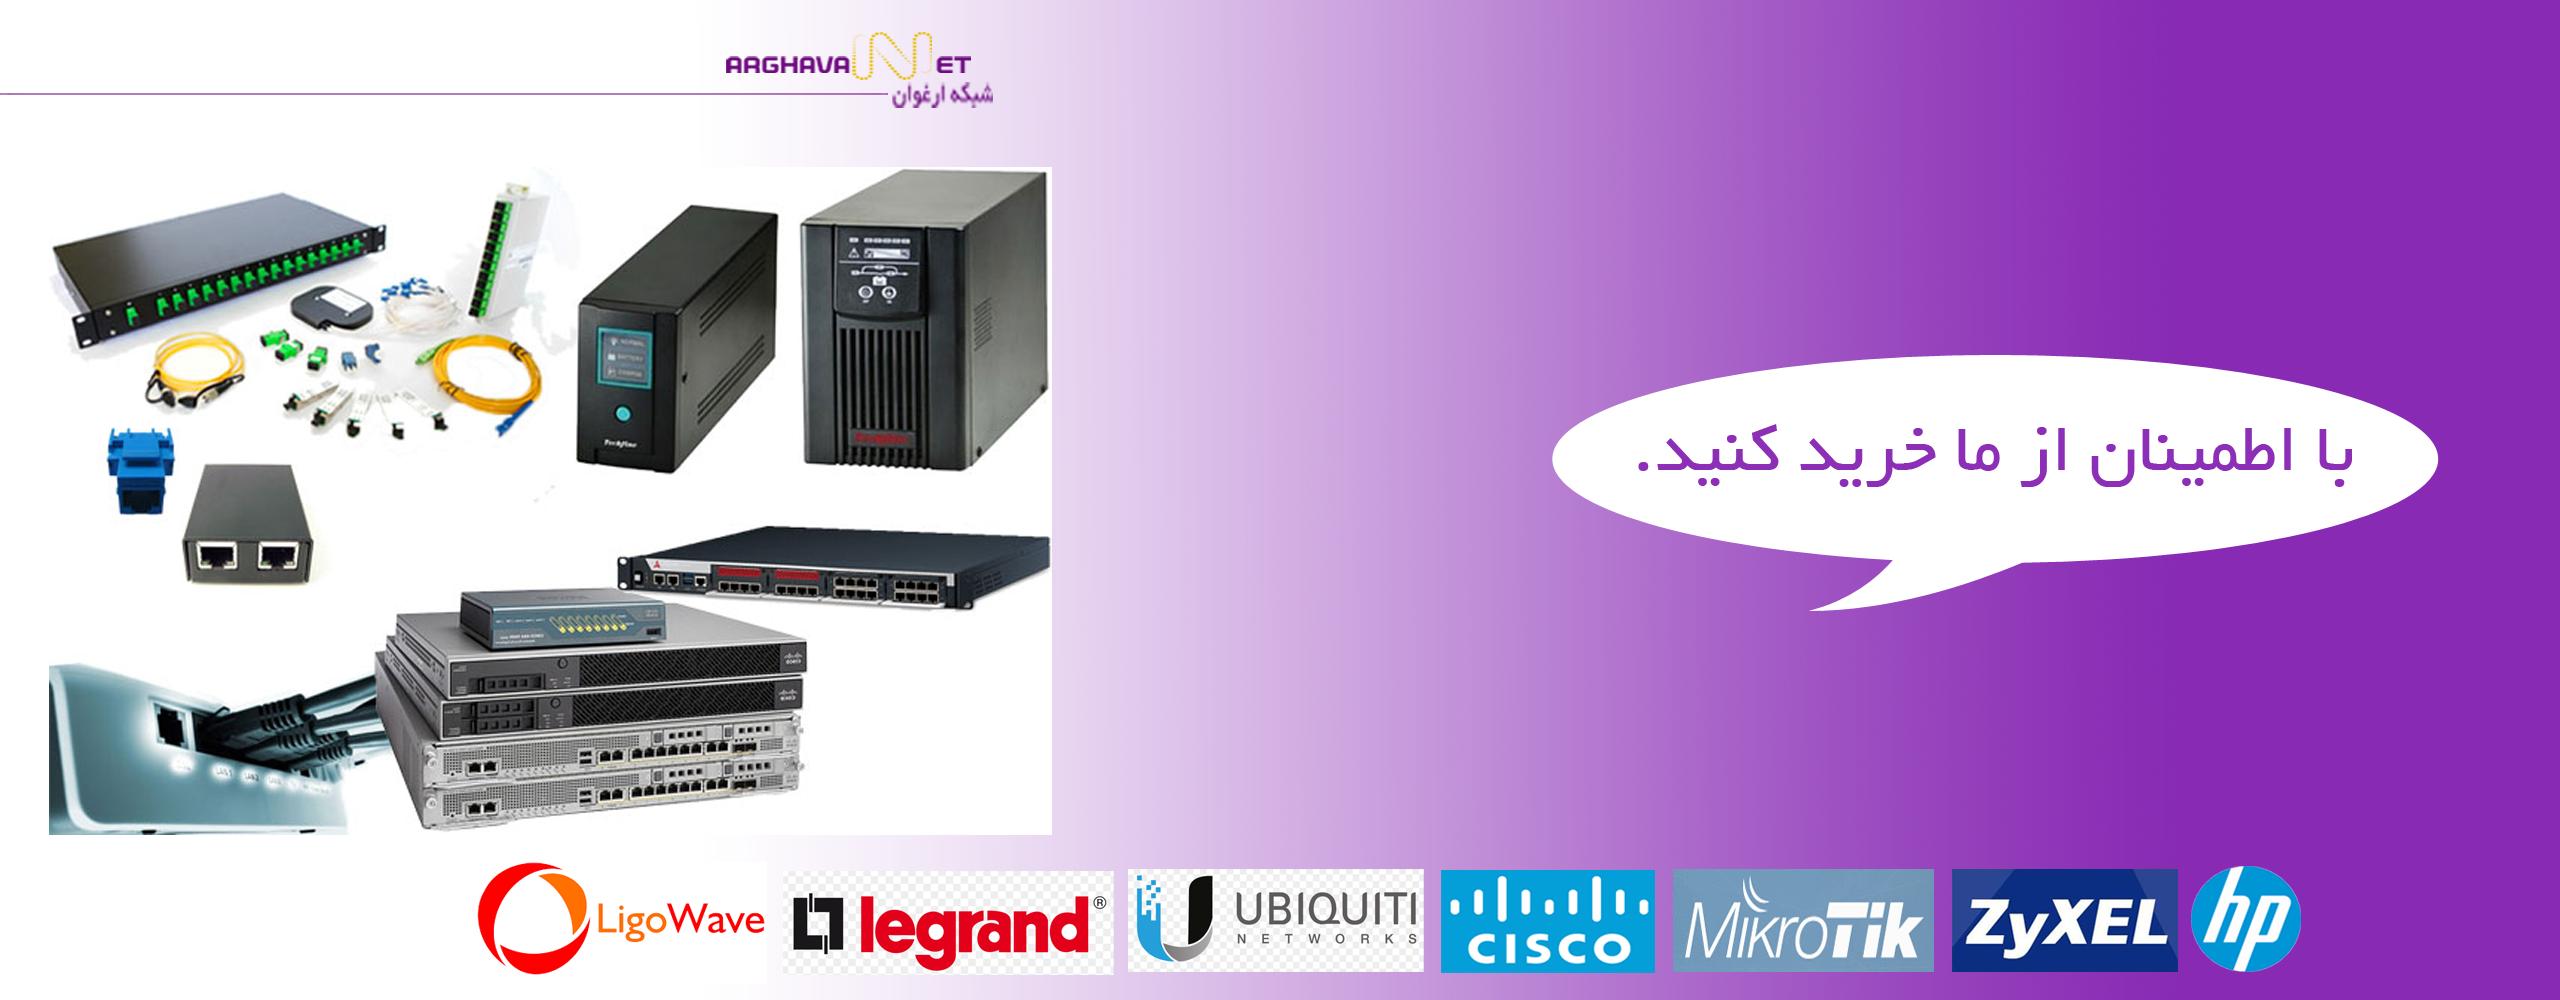 تجهیزات شبکه و برندهای تولید کننده تجهیزات شبکه